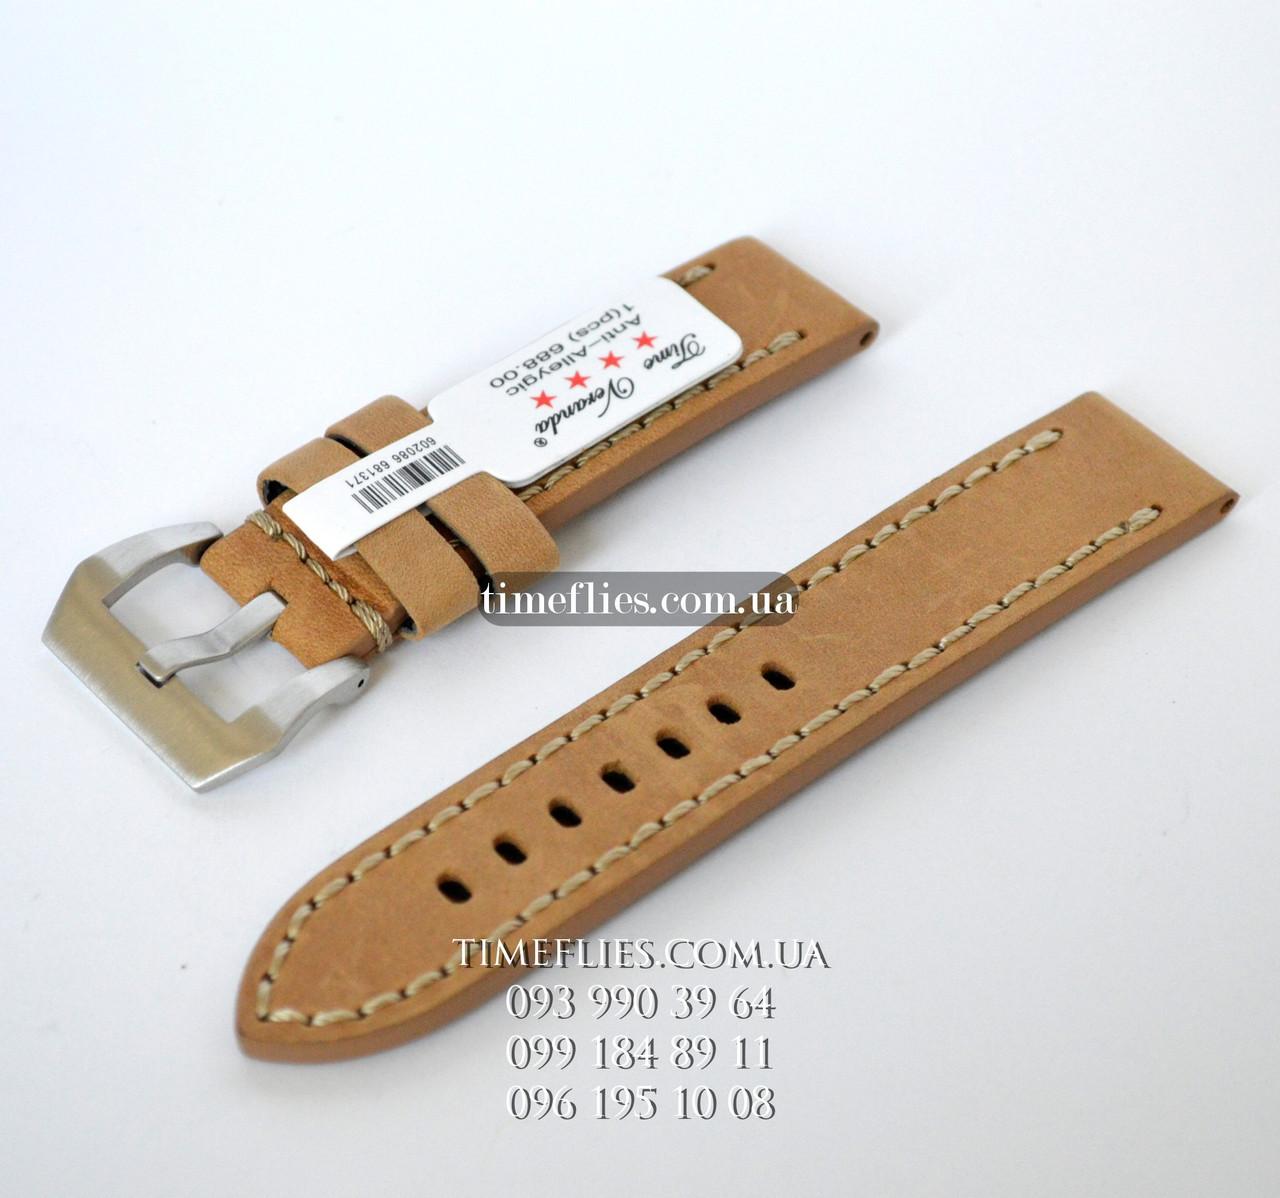 f442621f Ремешок для часов кожаный №48 - Магазин аксессуаров класса люкс